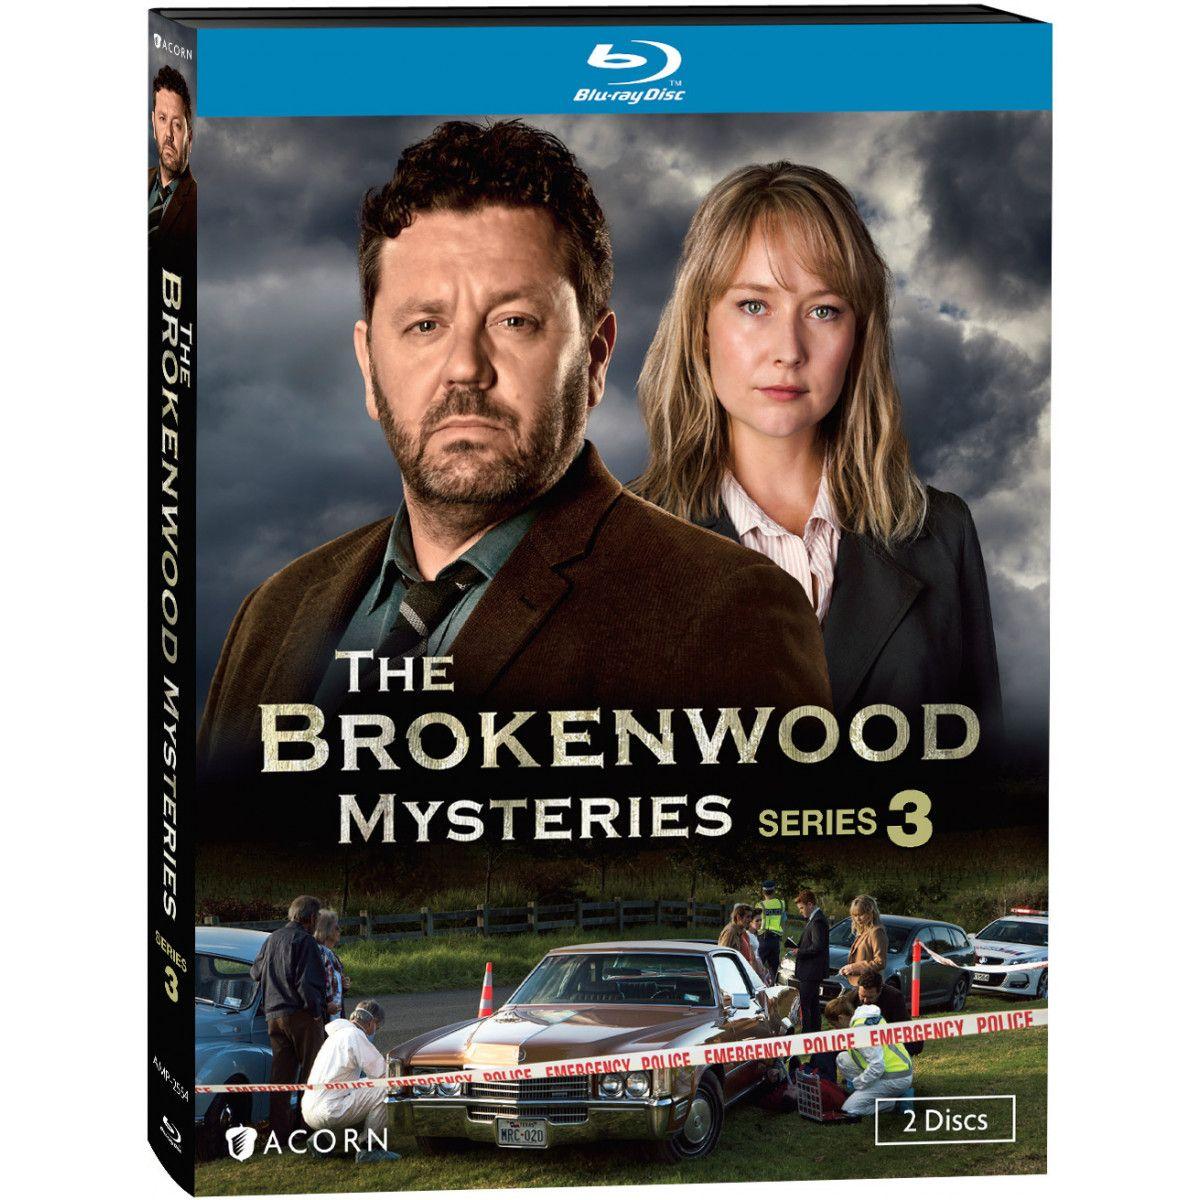 The Brokenwood Mysteries Series 3 Blu Ray